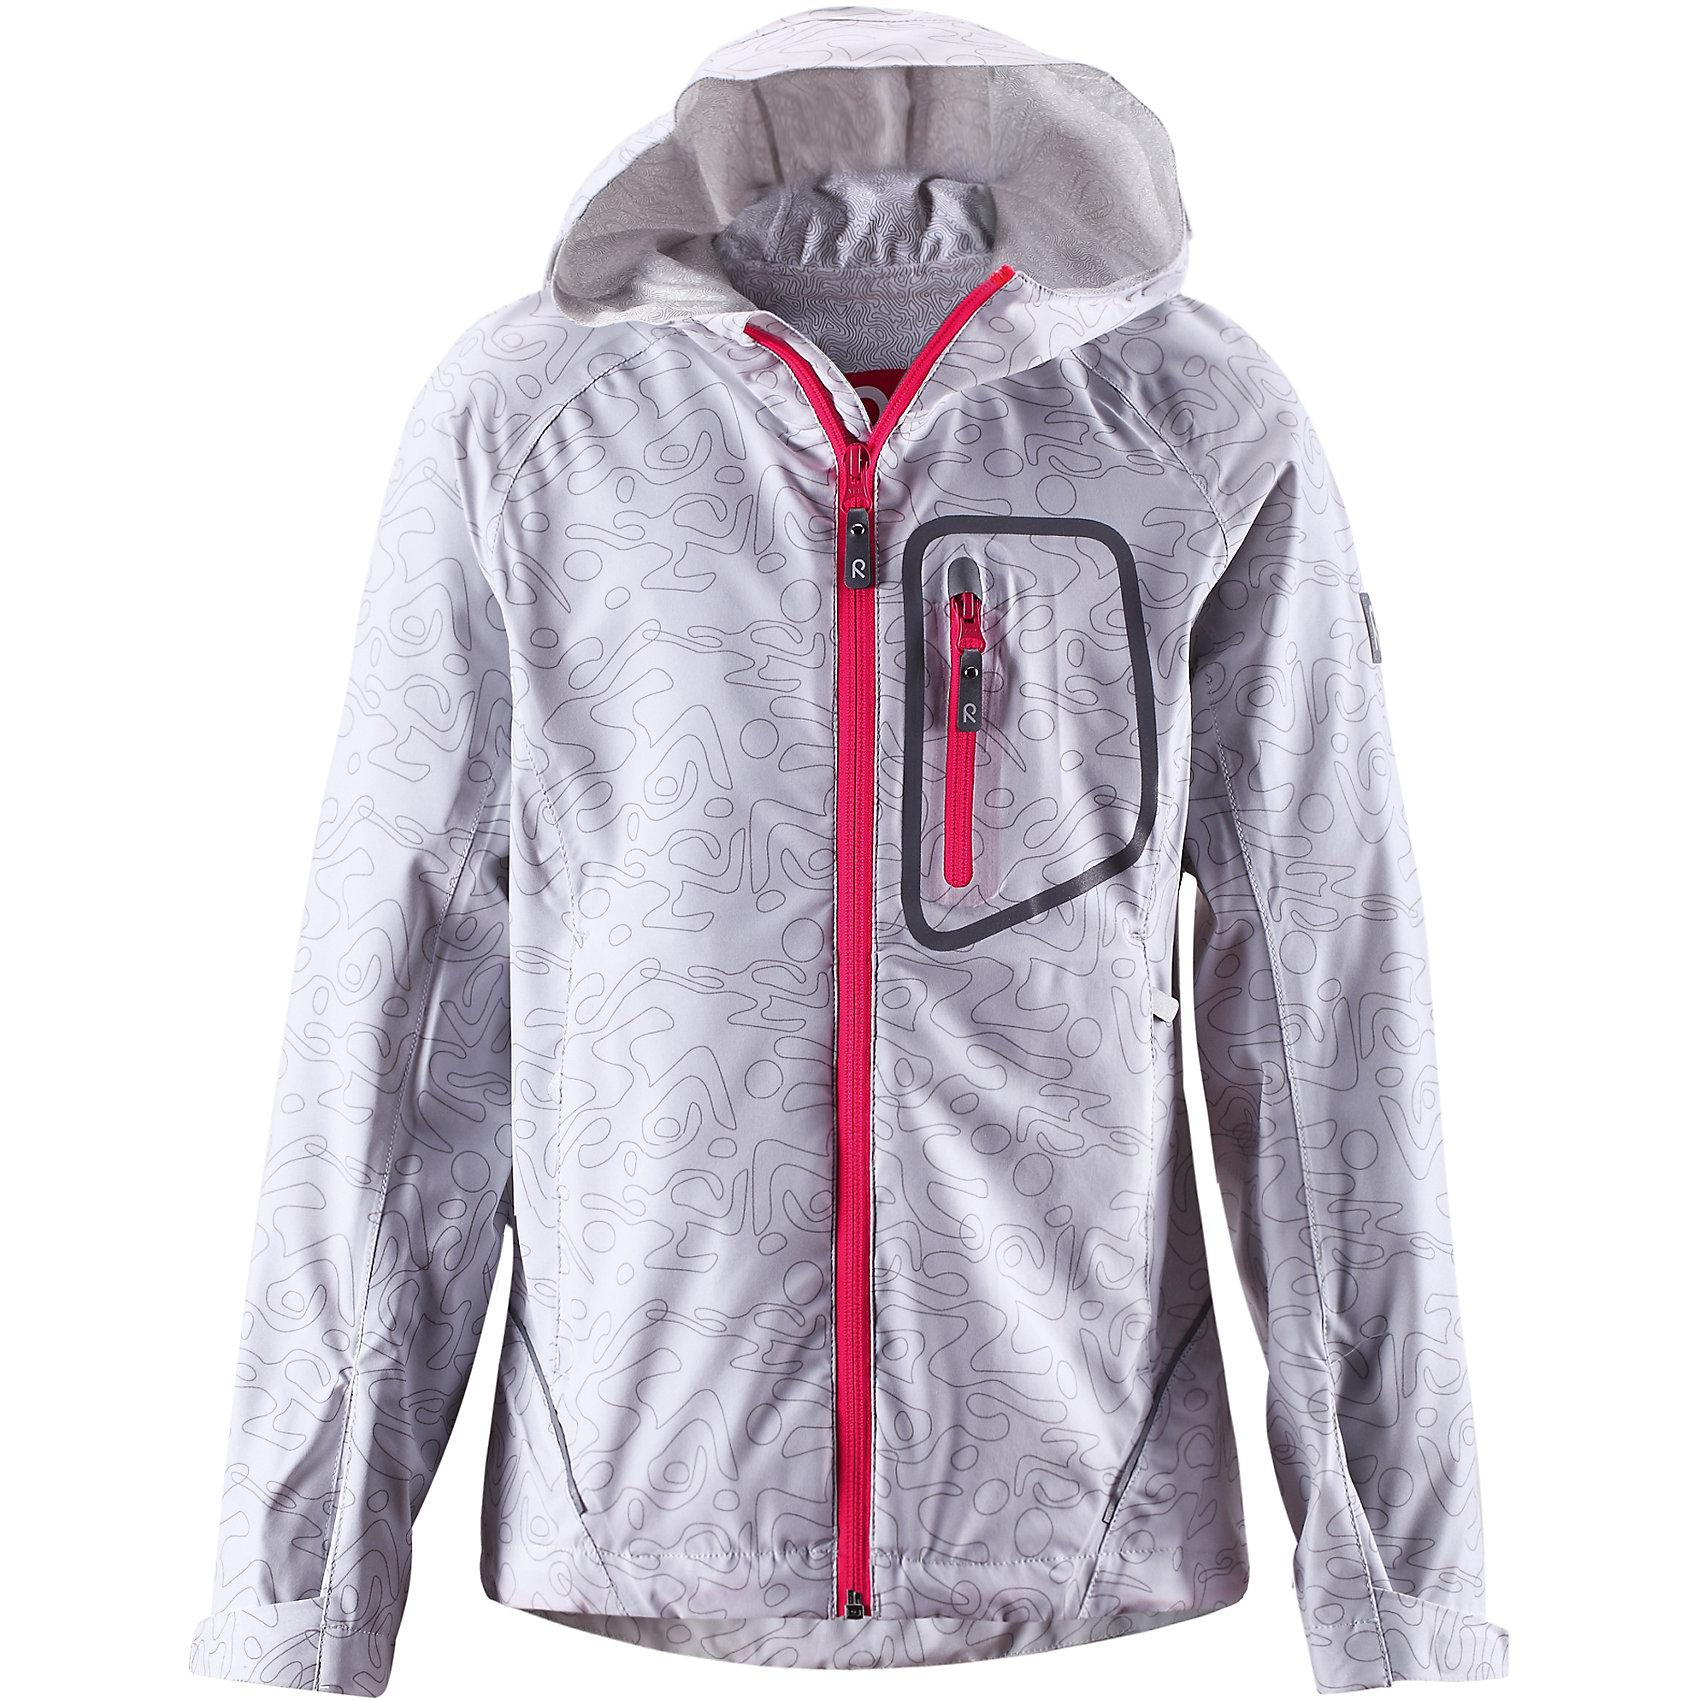 Куртка ReimaОдежда<br>Куртка Reima (Рейма), белый от известного финского производителя  детской одежды Reima. Куртка-ветровка выполнена из полиэстера с добавлением эластана, что обеспечивает воздухопроницаемость, защиту от ветра и эластичность изделия. Изделие устойчиво к изменению формы и цвета даже при длительном использовании. Куртка имеет классическую форму: прямой, чуть приталенный, силуэт с  удлиненной спинкой,  на груди имеется карман на застежке-молнии, манжеты рукавов регулируются. Все швы изделия проклеенные, что обеспечивает дополнительную защиту от влаги. Куртка идеально подходит не только для весенних и осенних прогулок, но и для прохладной летней погоды.<br><br>Дополнительная информация:<br><br>- Предназначение: повседневная одежда для прогулок и активного отдыха<br>- Цвет: белый<br>- Пол: для девочки<br>- Состав: 92% полиэстер, 8% эластан<br>- Сезон: весна-осень (демисезонная)<br>- Особенности ухода: стирать изделие, предварительно вывернув его на левую сторону, не использовать отбеливающие вещества<br><br>Подробнее:<br><br>• Для детей в возрасте: от 7 лет и до 8 лет<br>• Страна производитель: Китай<br>• Торговый бренд: Reima, Финляндия<br><br>Куртку Reima (Рейма), белый можно купить в нашем интернет-магазине.<br><br>Ширина мм: 356<br>Глубина мм: 10<br>Высота мм: 245<br>Вес г: 519<br>Цвет: белый<br>Возраст от месяцев: 84<br>Возраст до месяцев: 96<br>Пол: Унисекс<br>Возраст: Детский<br>Размер: 128,152<br>SKU: 4632618